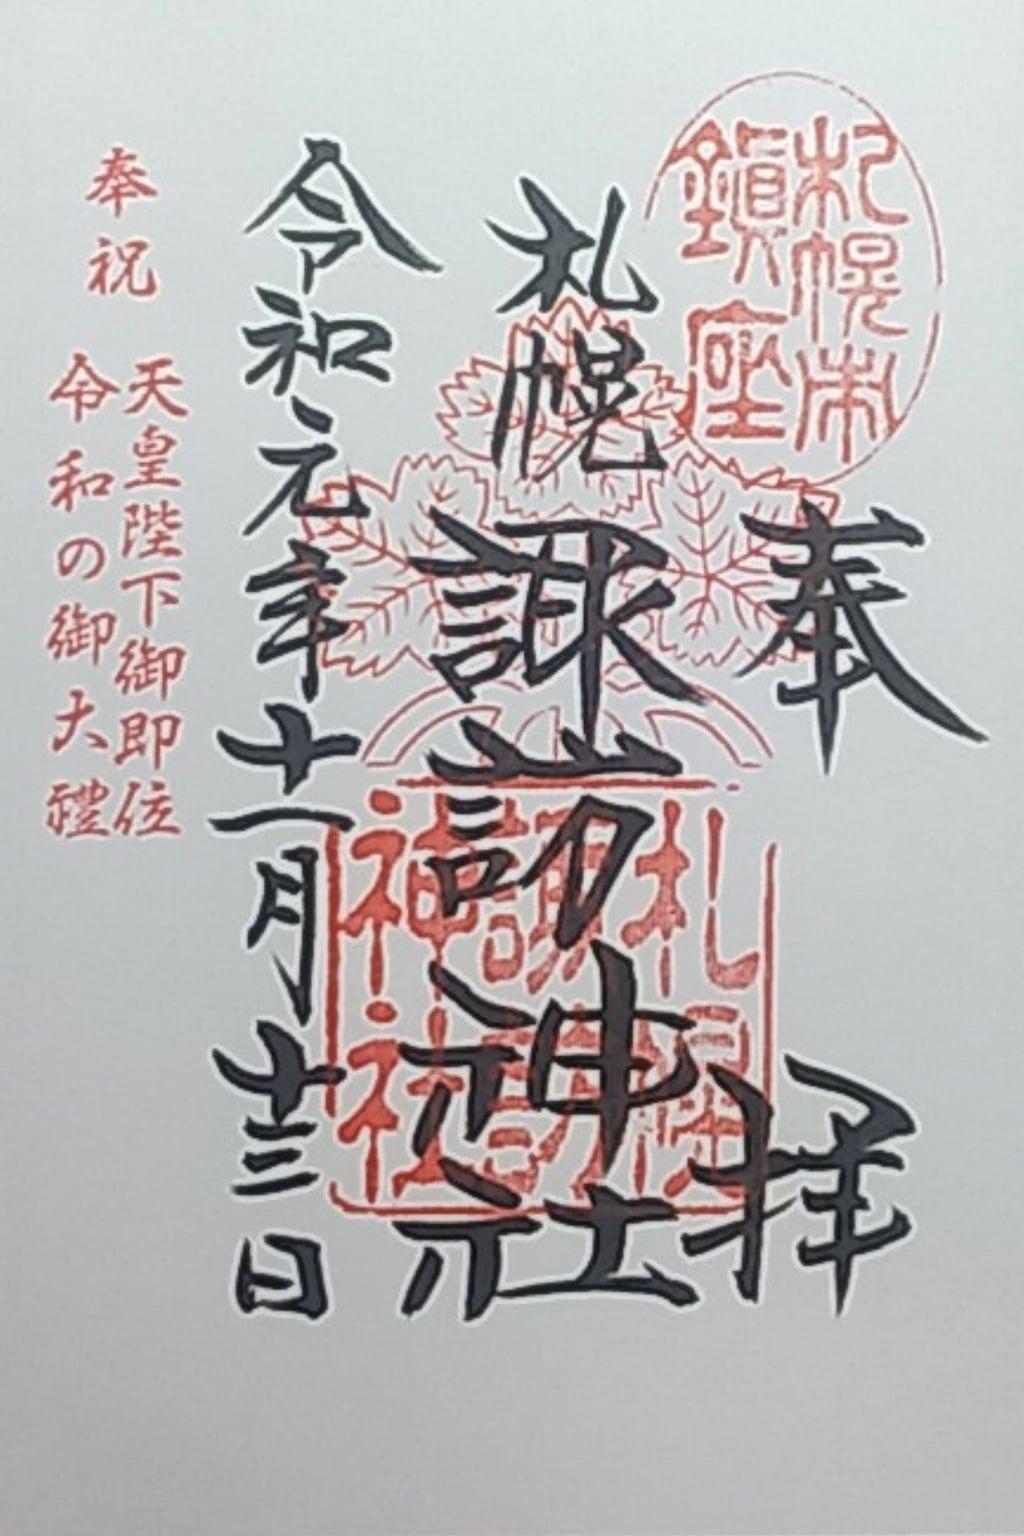 諏訪神社の御朱印